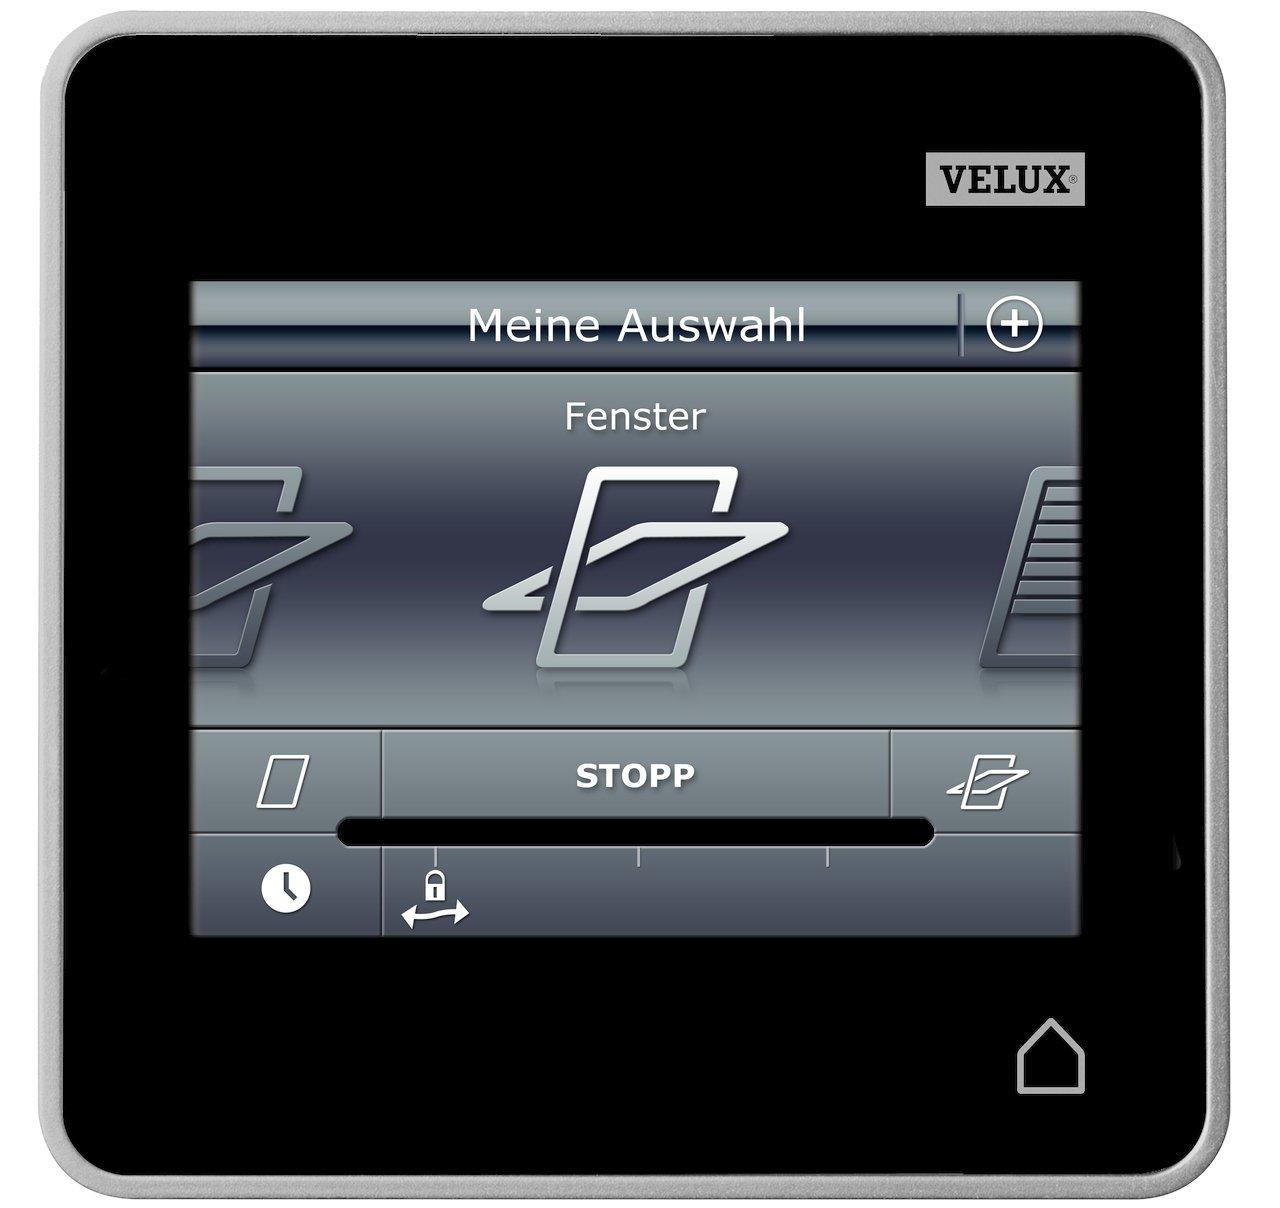 Velux ControlPad KLR 200 WW  Kundenbewertung und Beschreibung